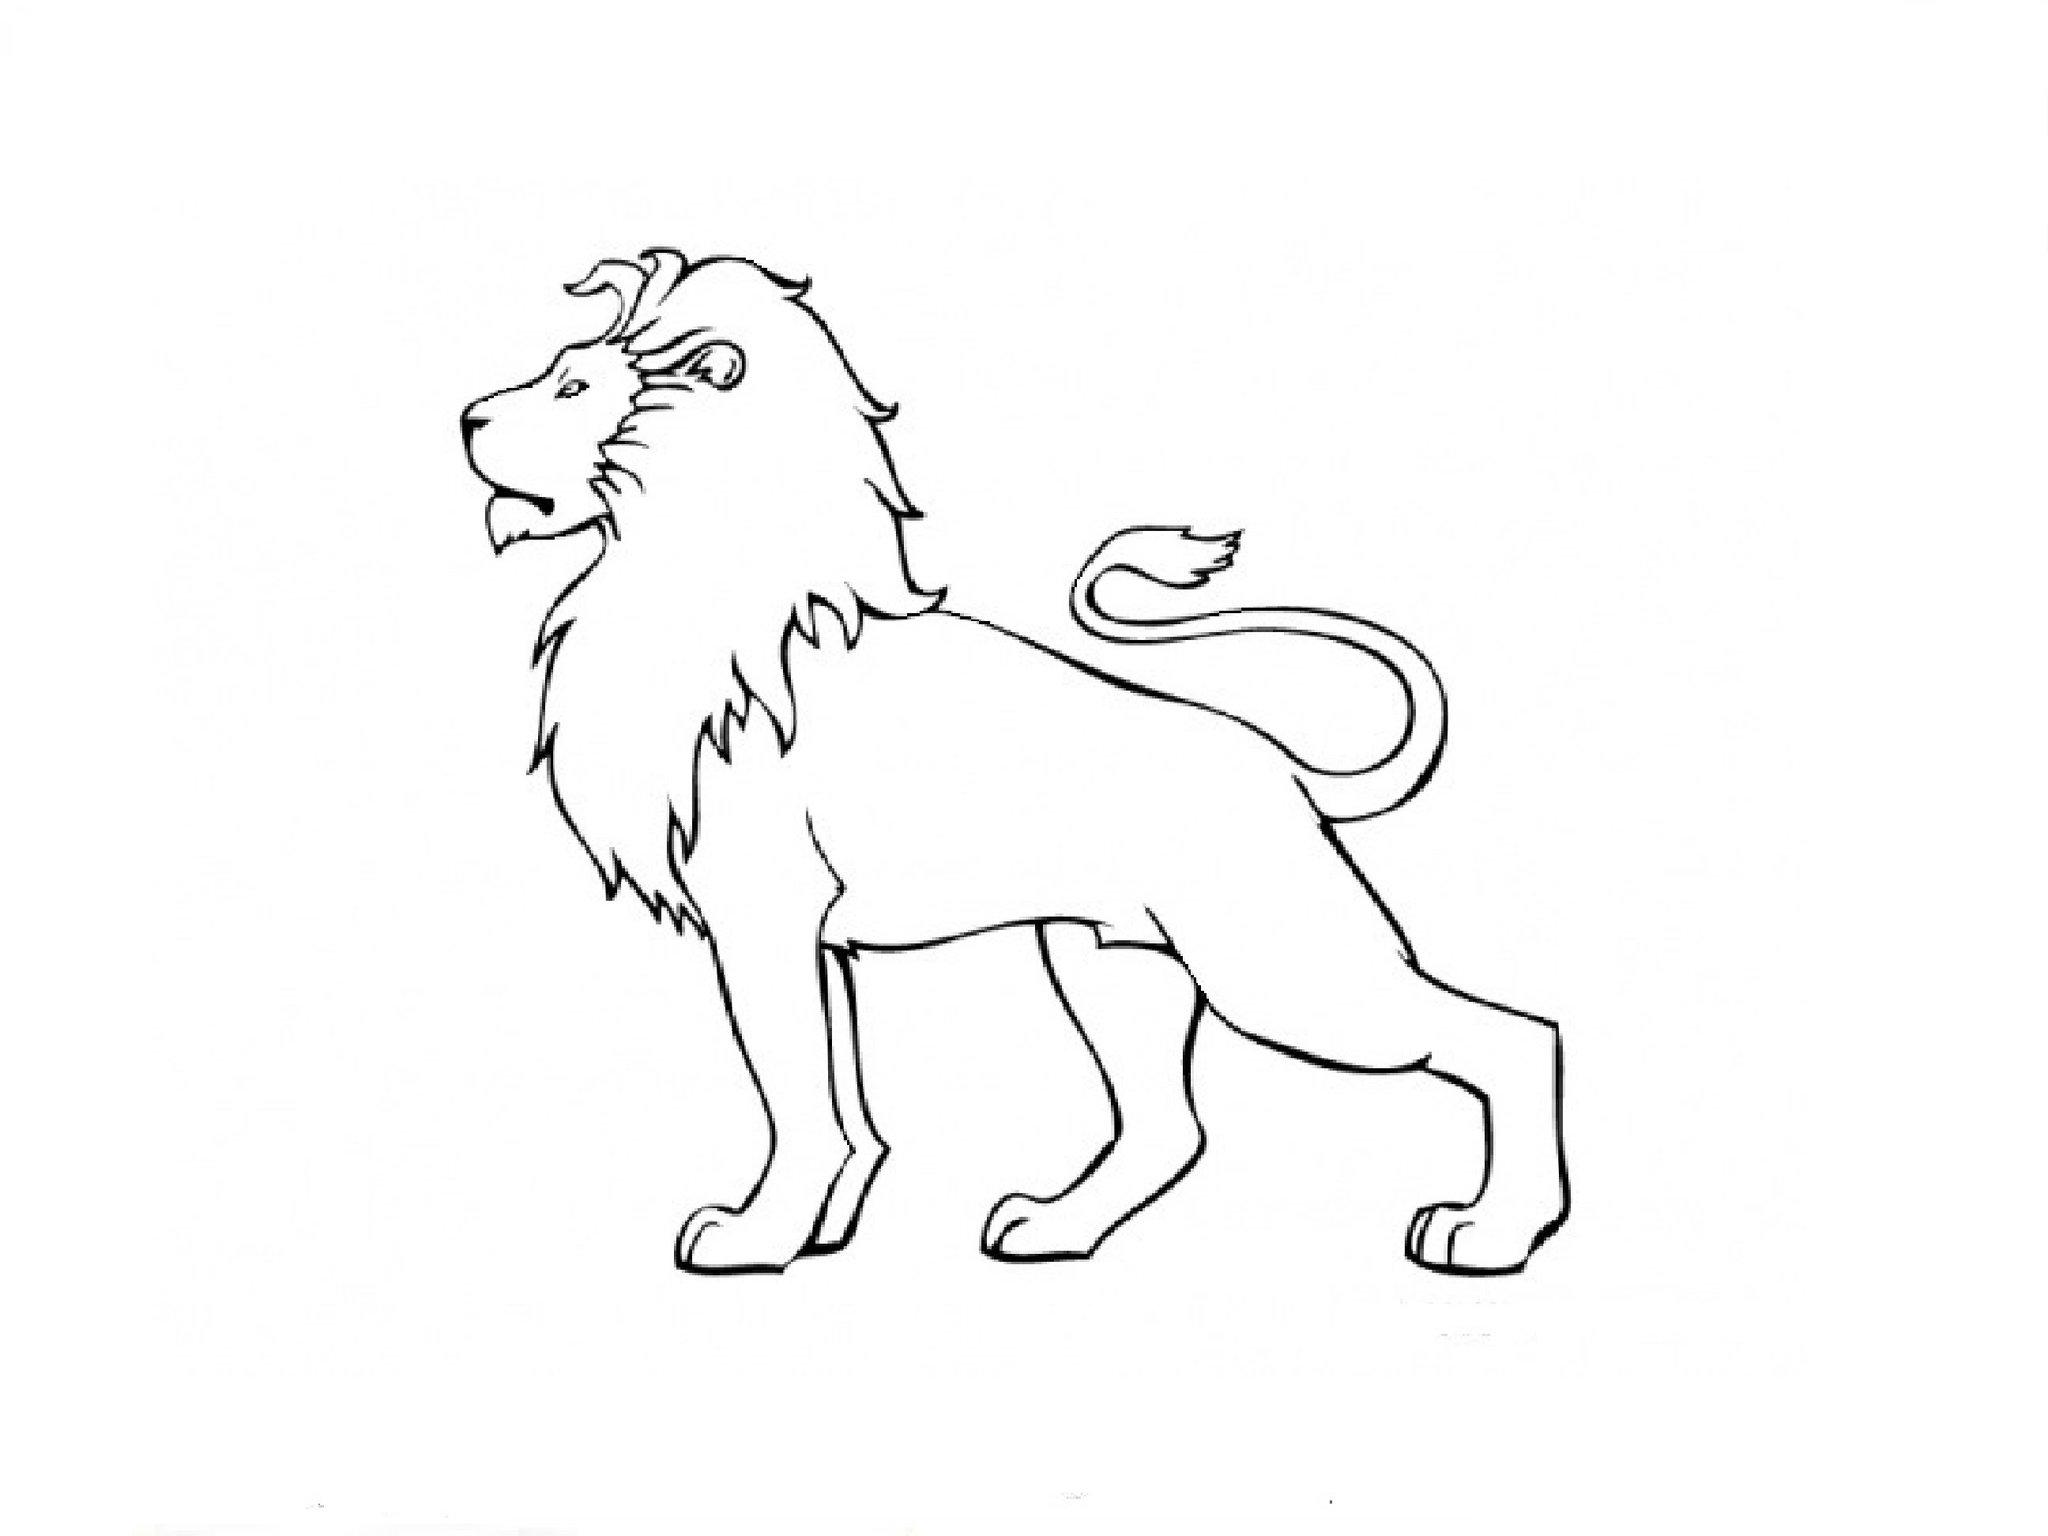 отметил, картинка льва рисунок легкие можно найти рекомендации